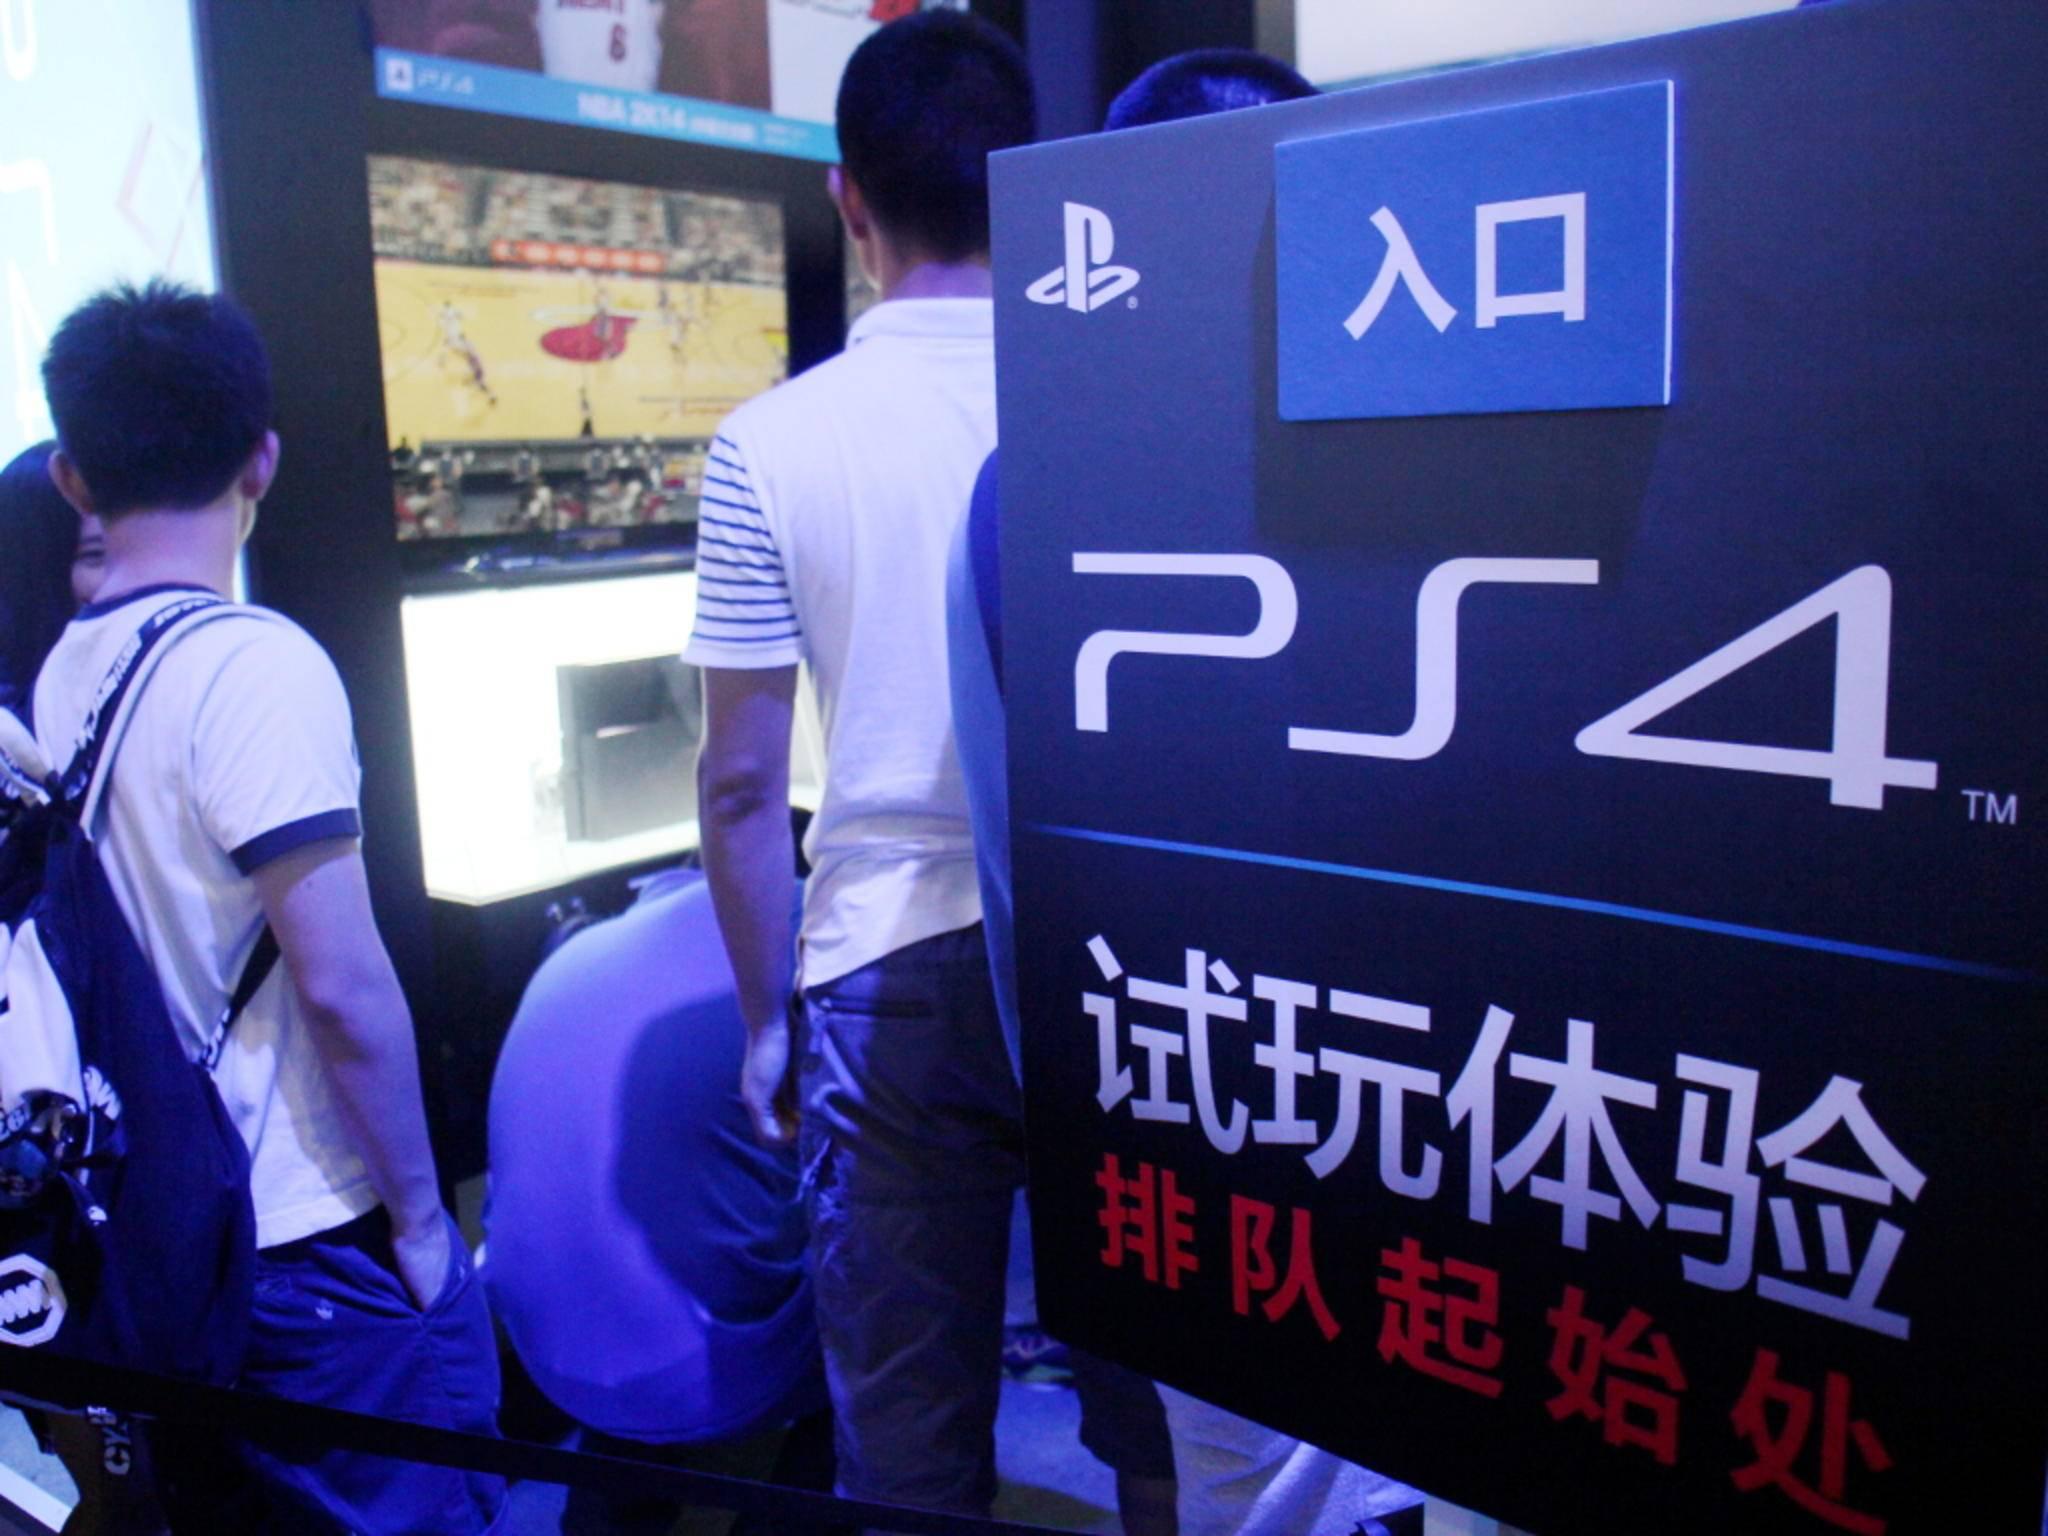 China öffnet nach 14 Jahren Sperre den Markt für Spiele-Konsolen.